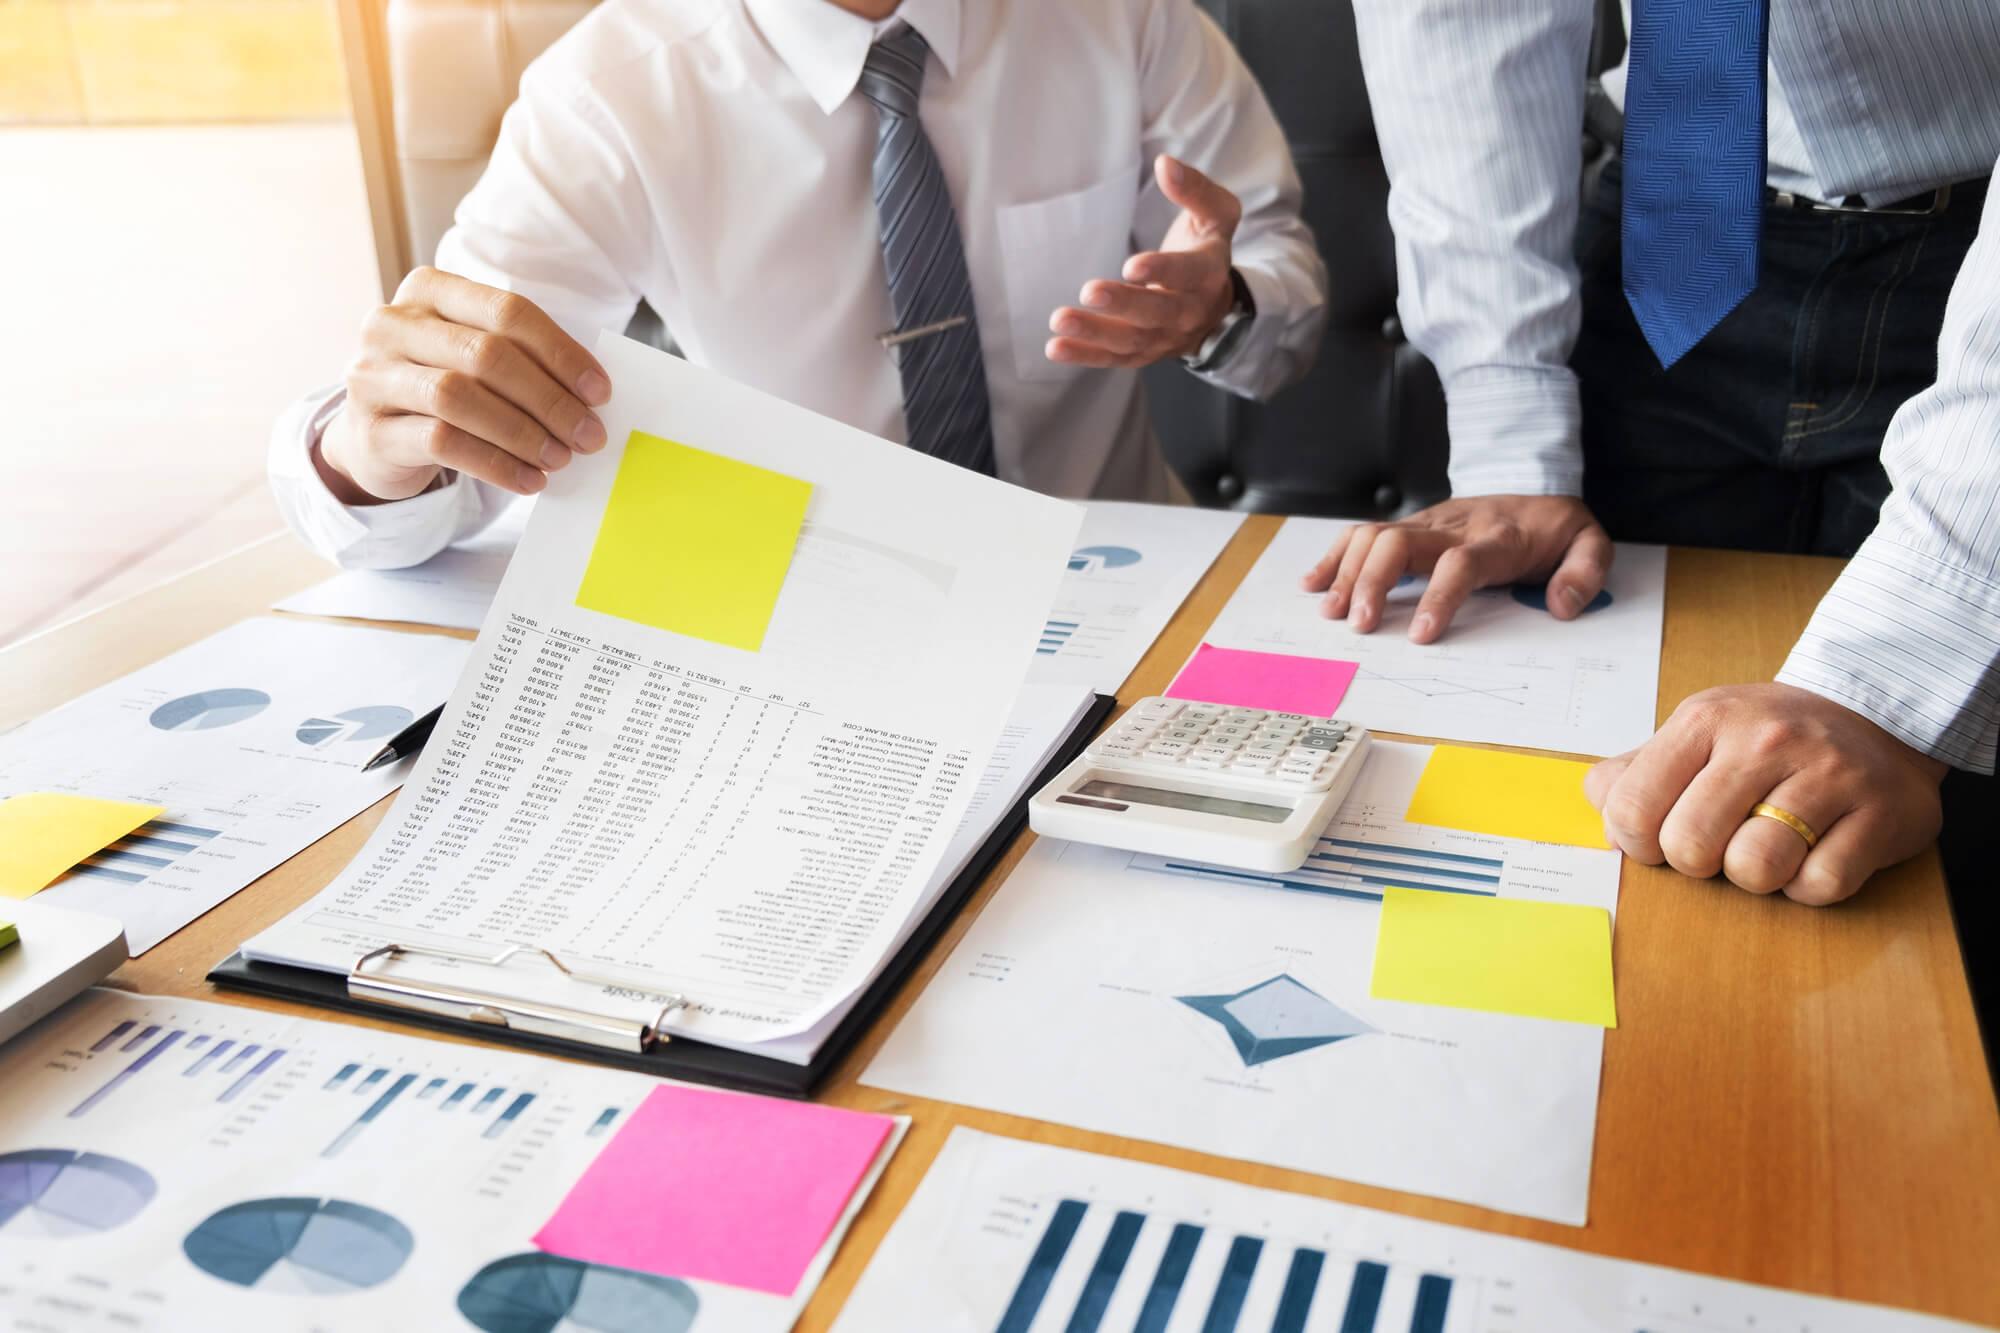 182261 voce sabe como fazer o planejamento financeiro para advogados